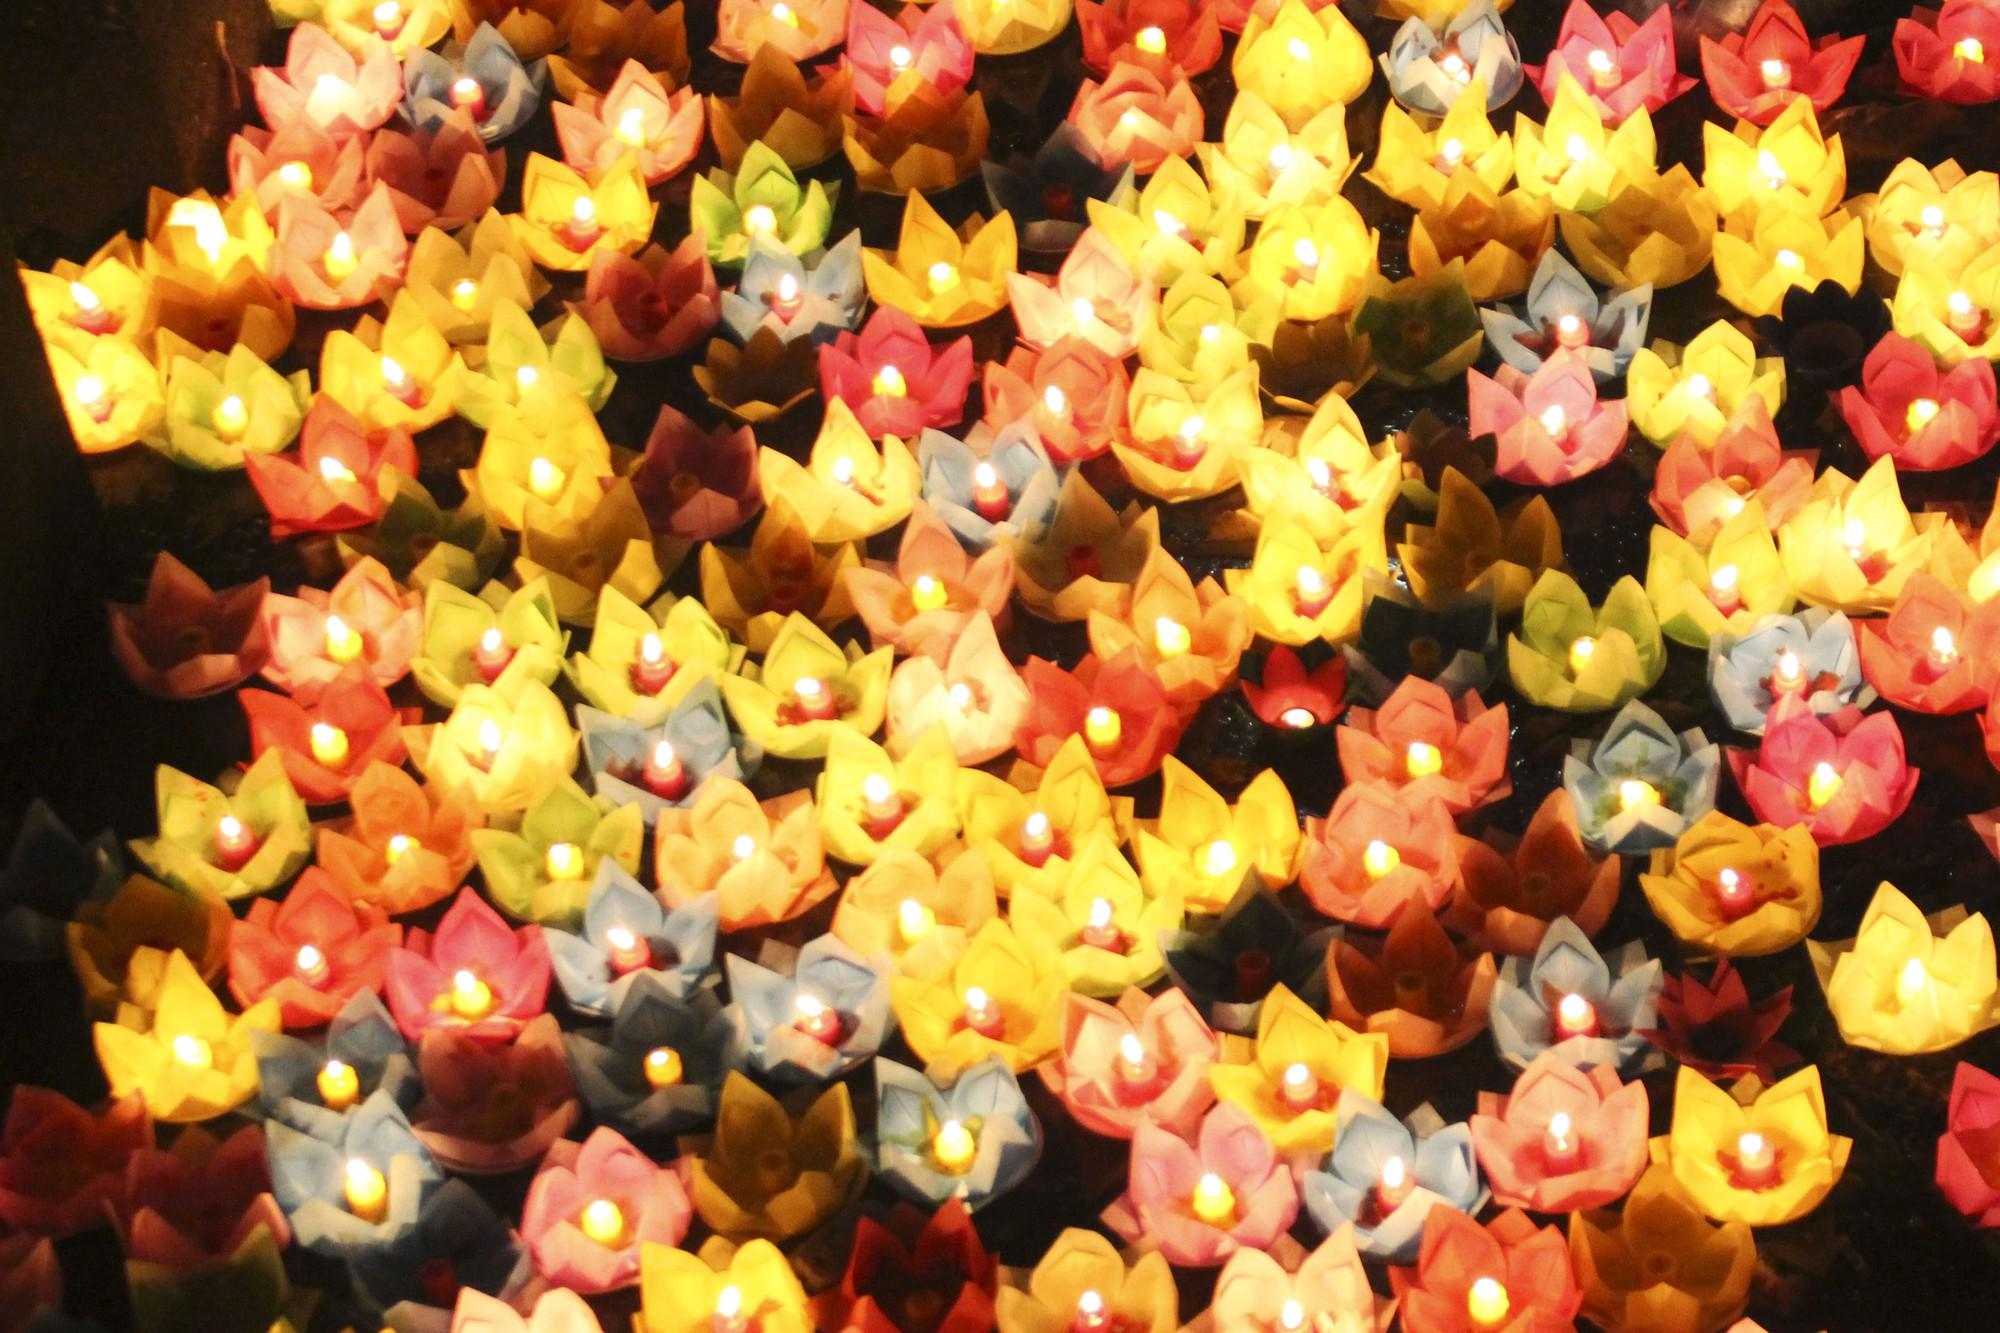 Chùa Pháp Hoa lung linh ngọn đèn hoa đăng ngày lễ Phật Đản - Ảnh 15.